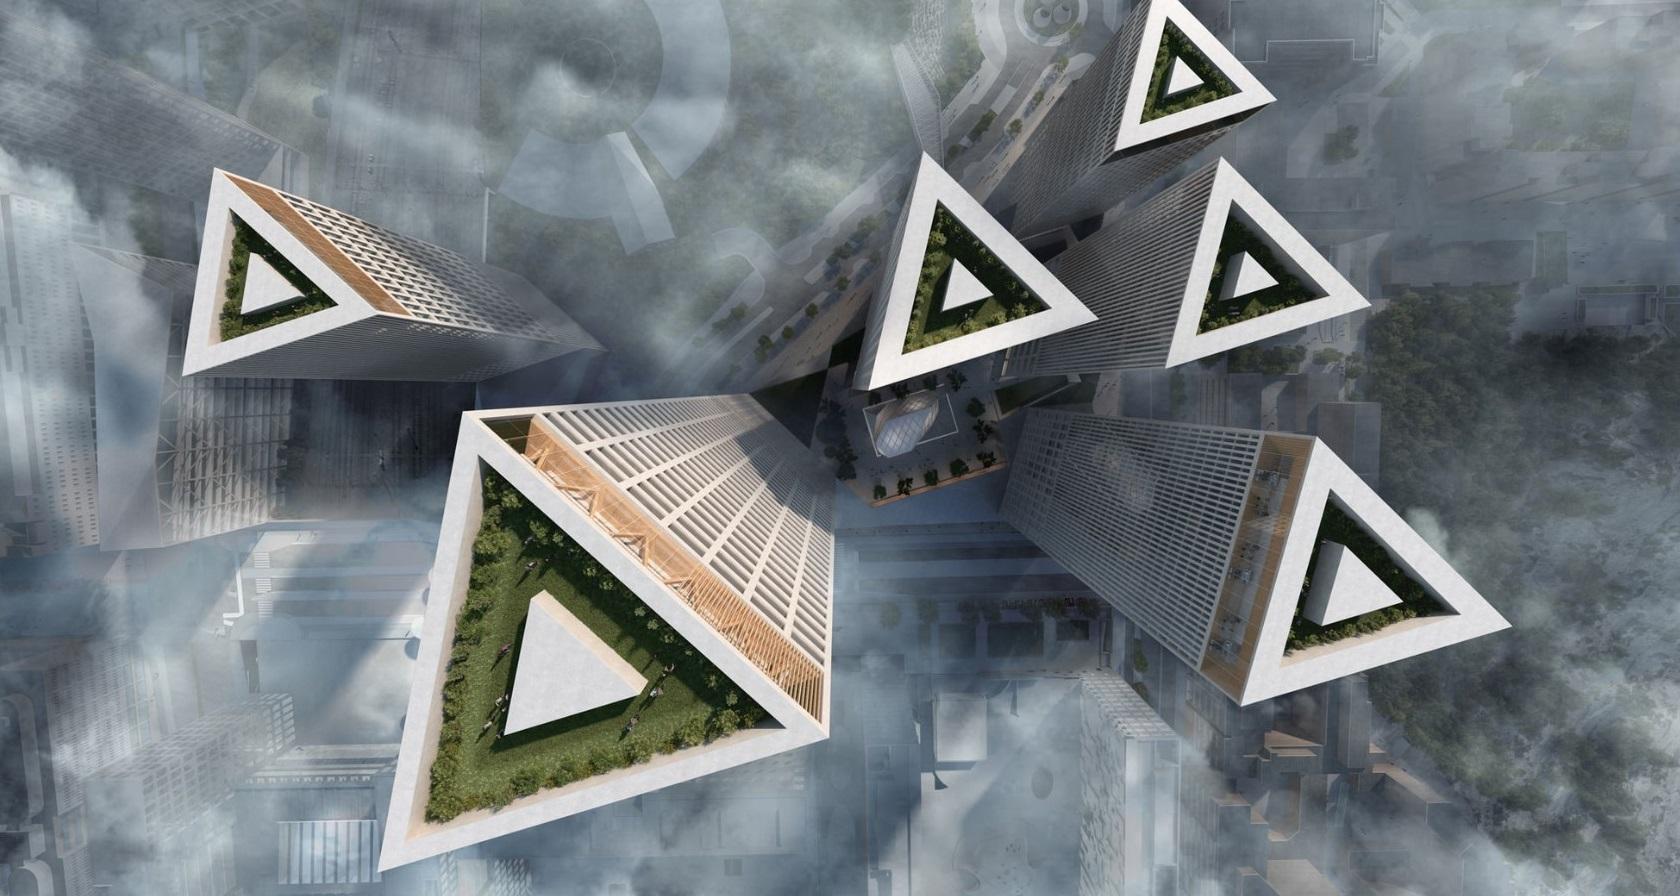 Triangle perforated metal - Lahdelma & Mahlamäki's